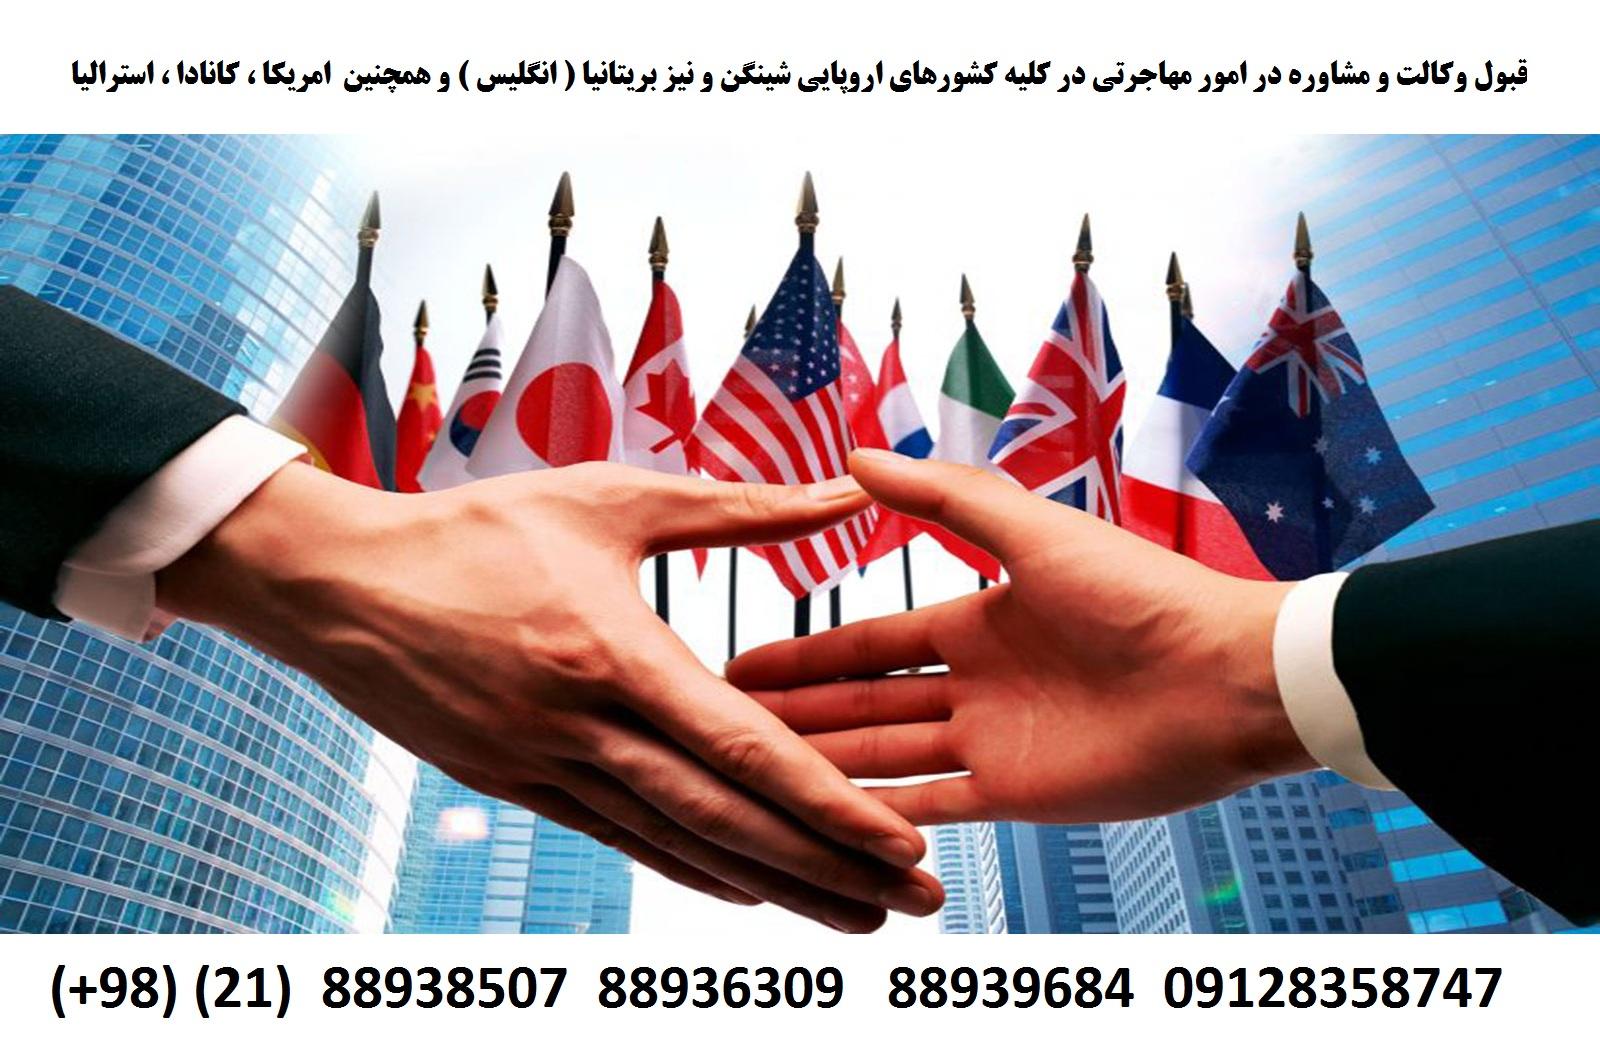 وکیل مهاجرتی در کلیه کشورها (5)